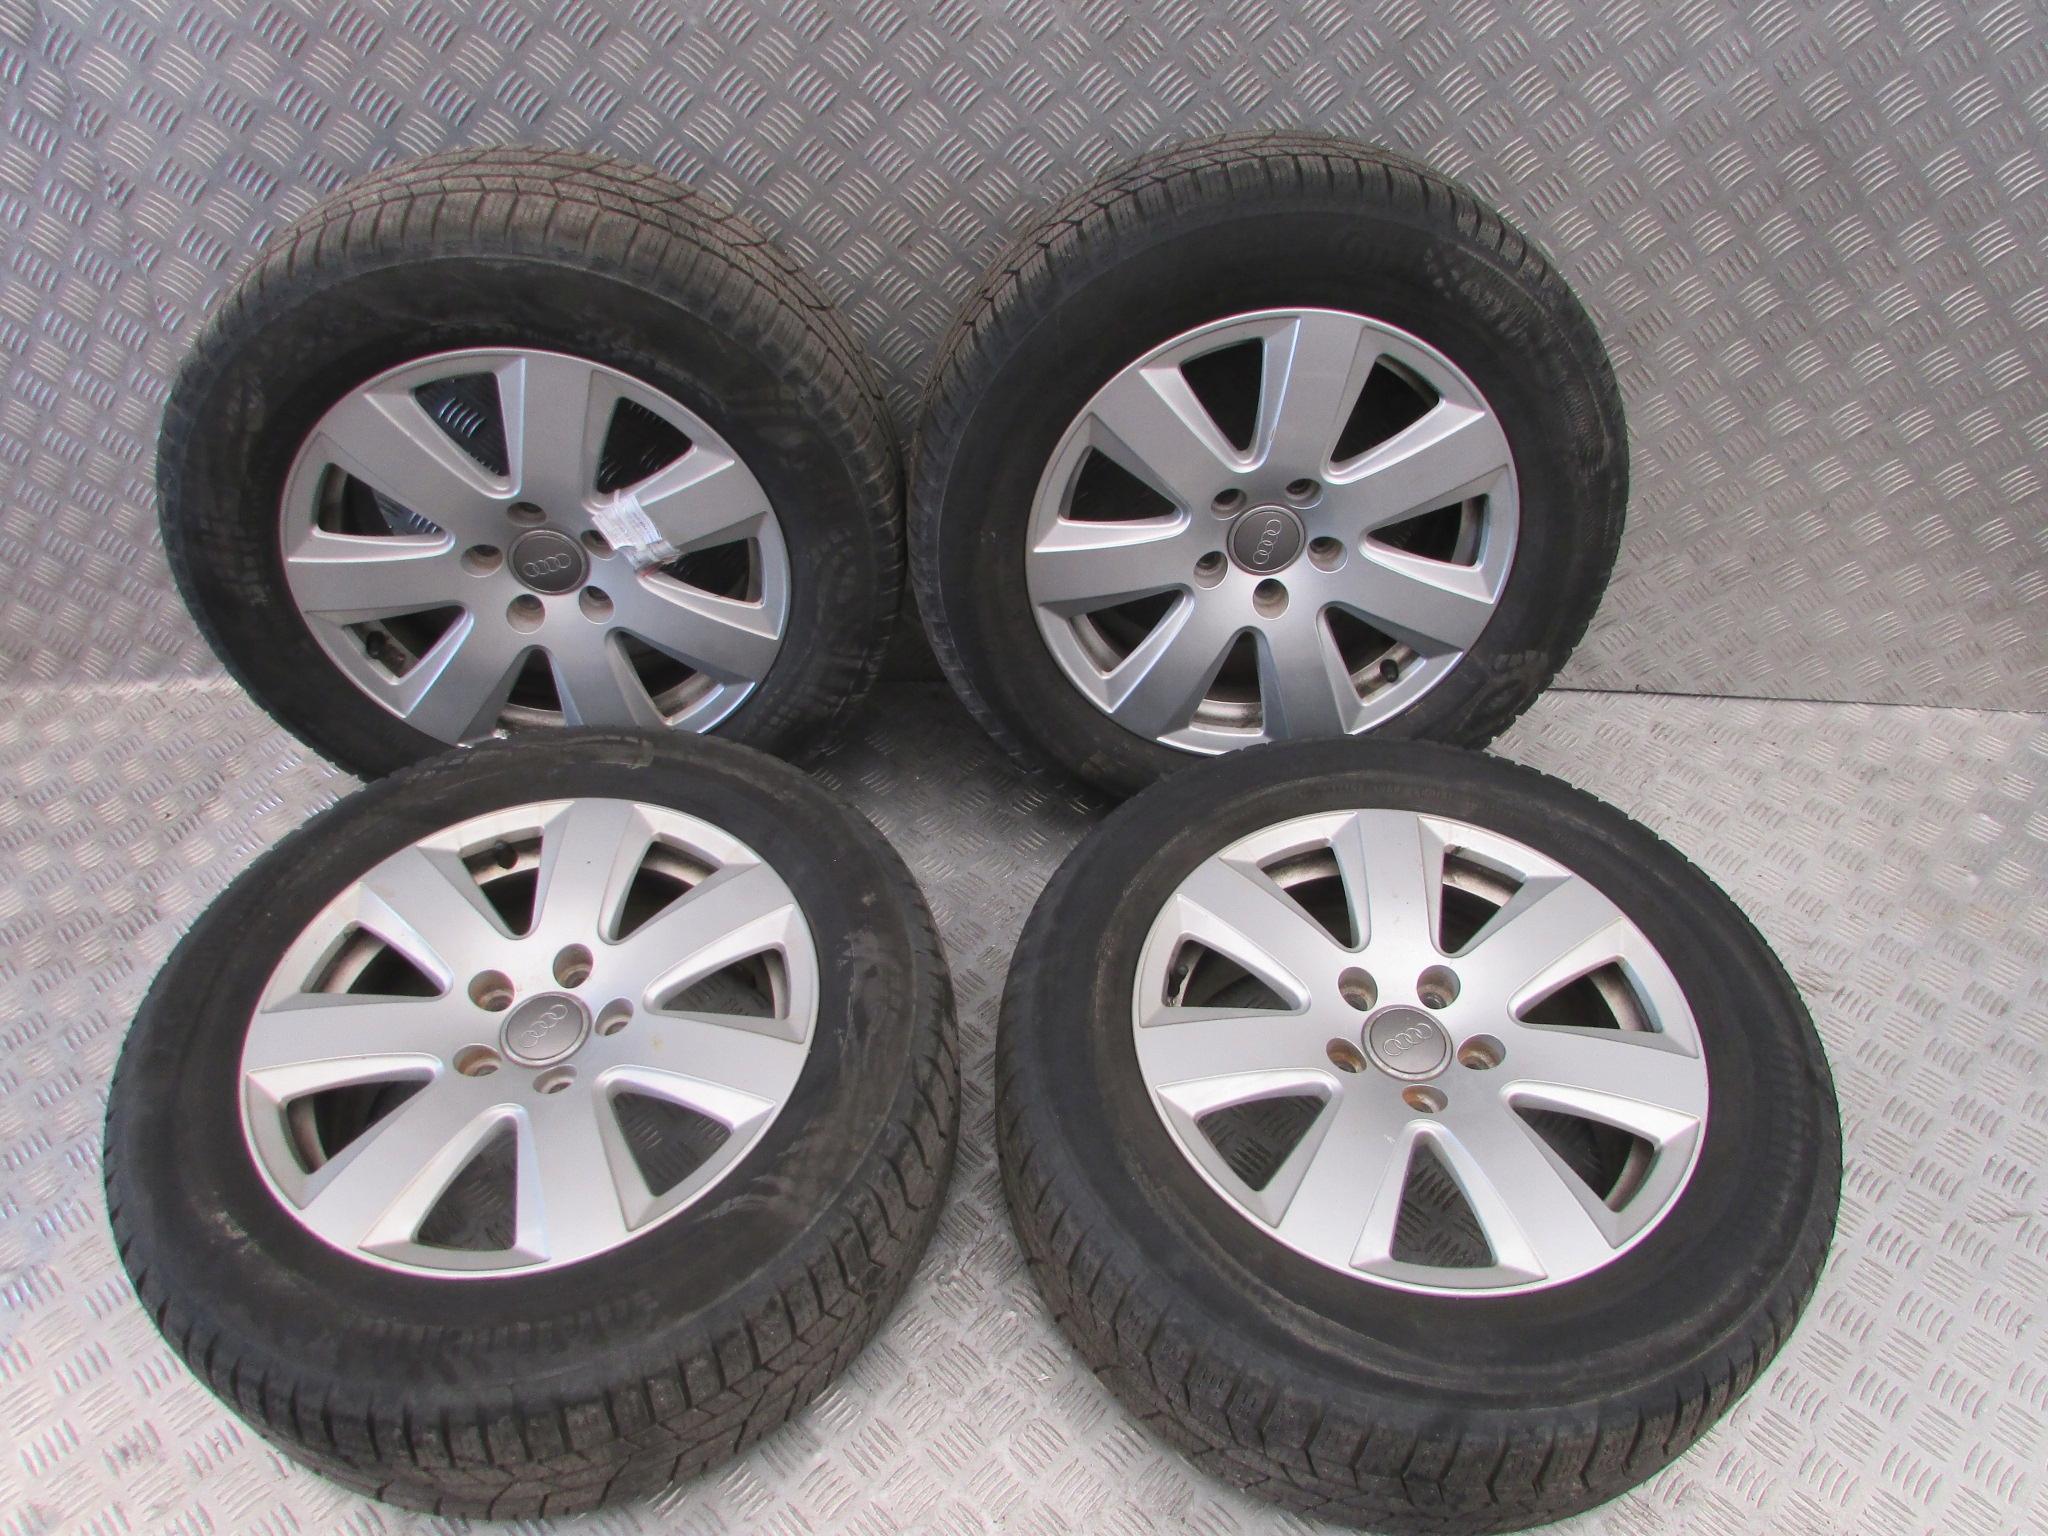 Koła Zimowe Felgi Opony 2255516 Audi A6 C6 06r 7364616862